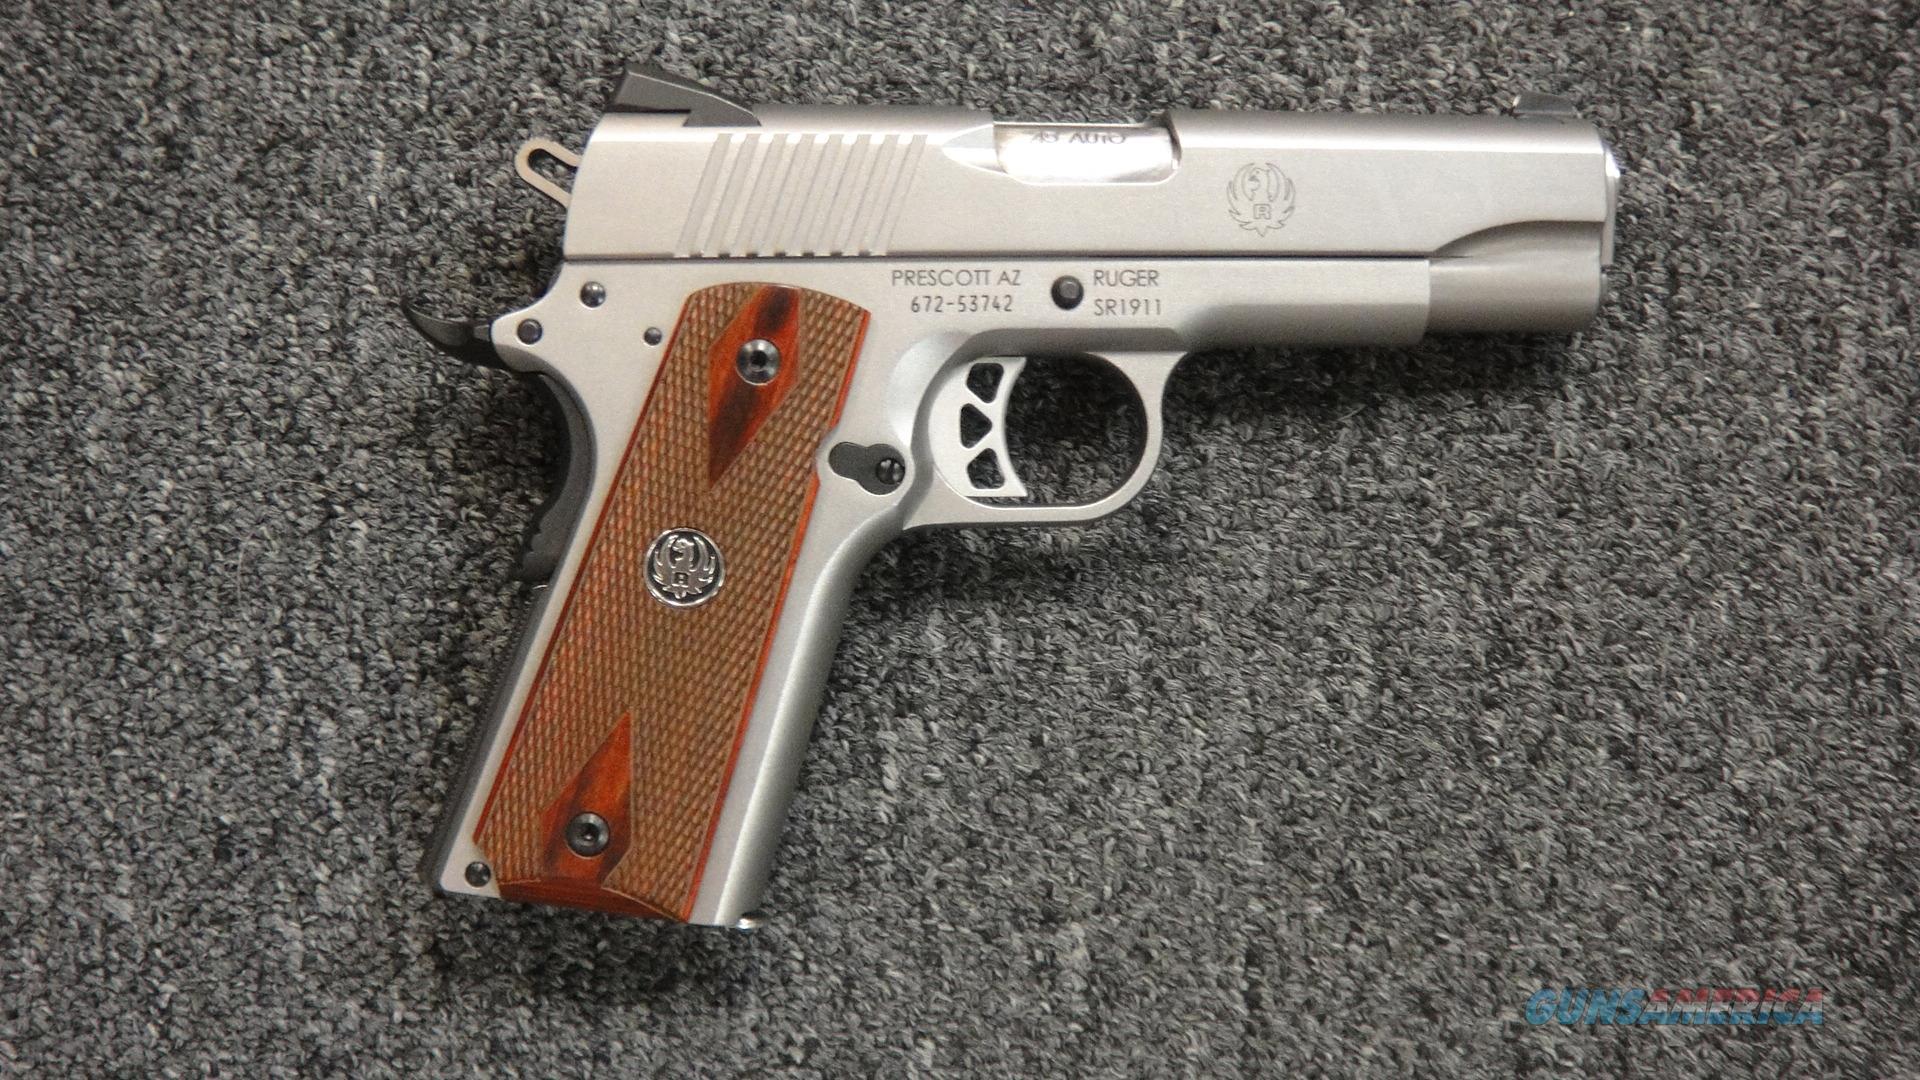 Ruger SR1911 Comander .45ACP  Guns > Pistols > Ruger Semi-Auto Pistols > 1911